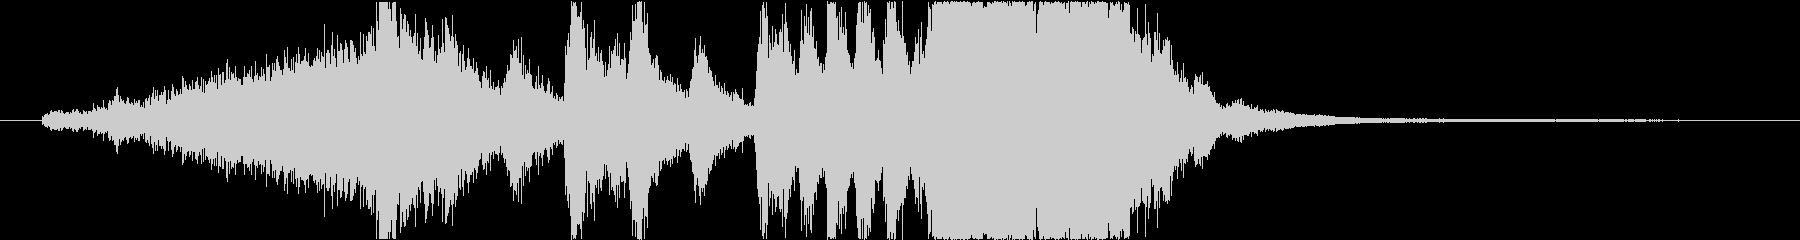 金管楽器編成のファンファーレの未再生の波形